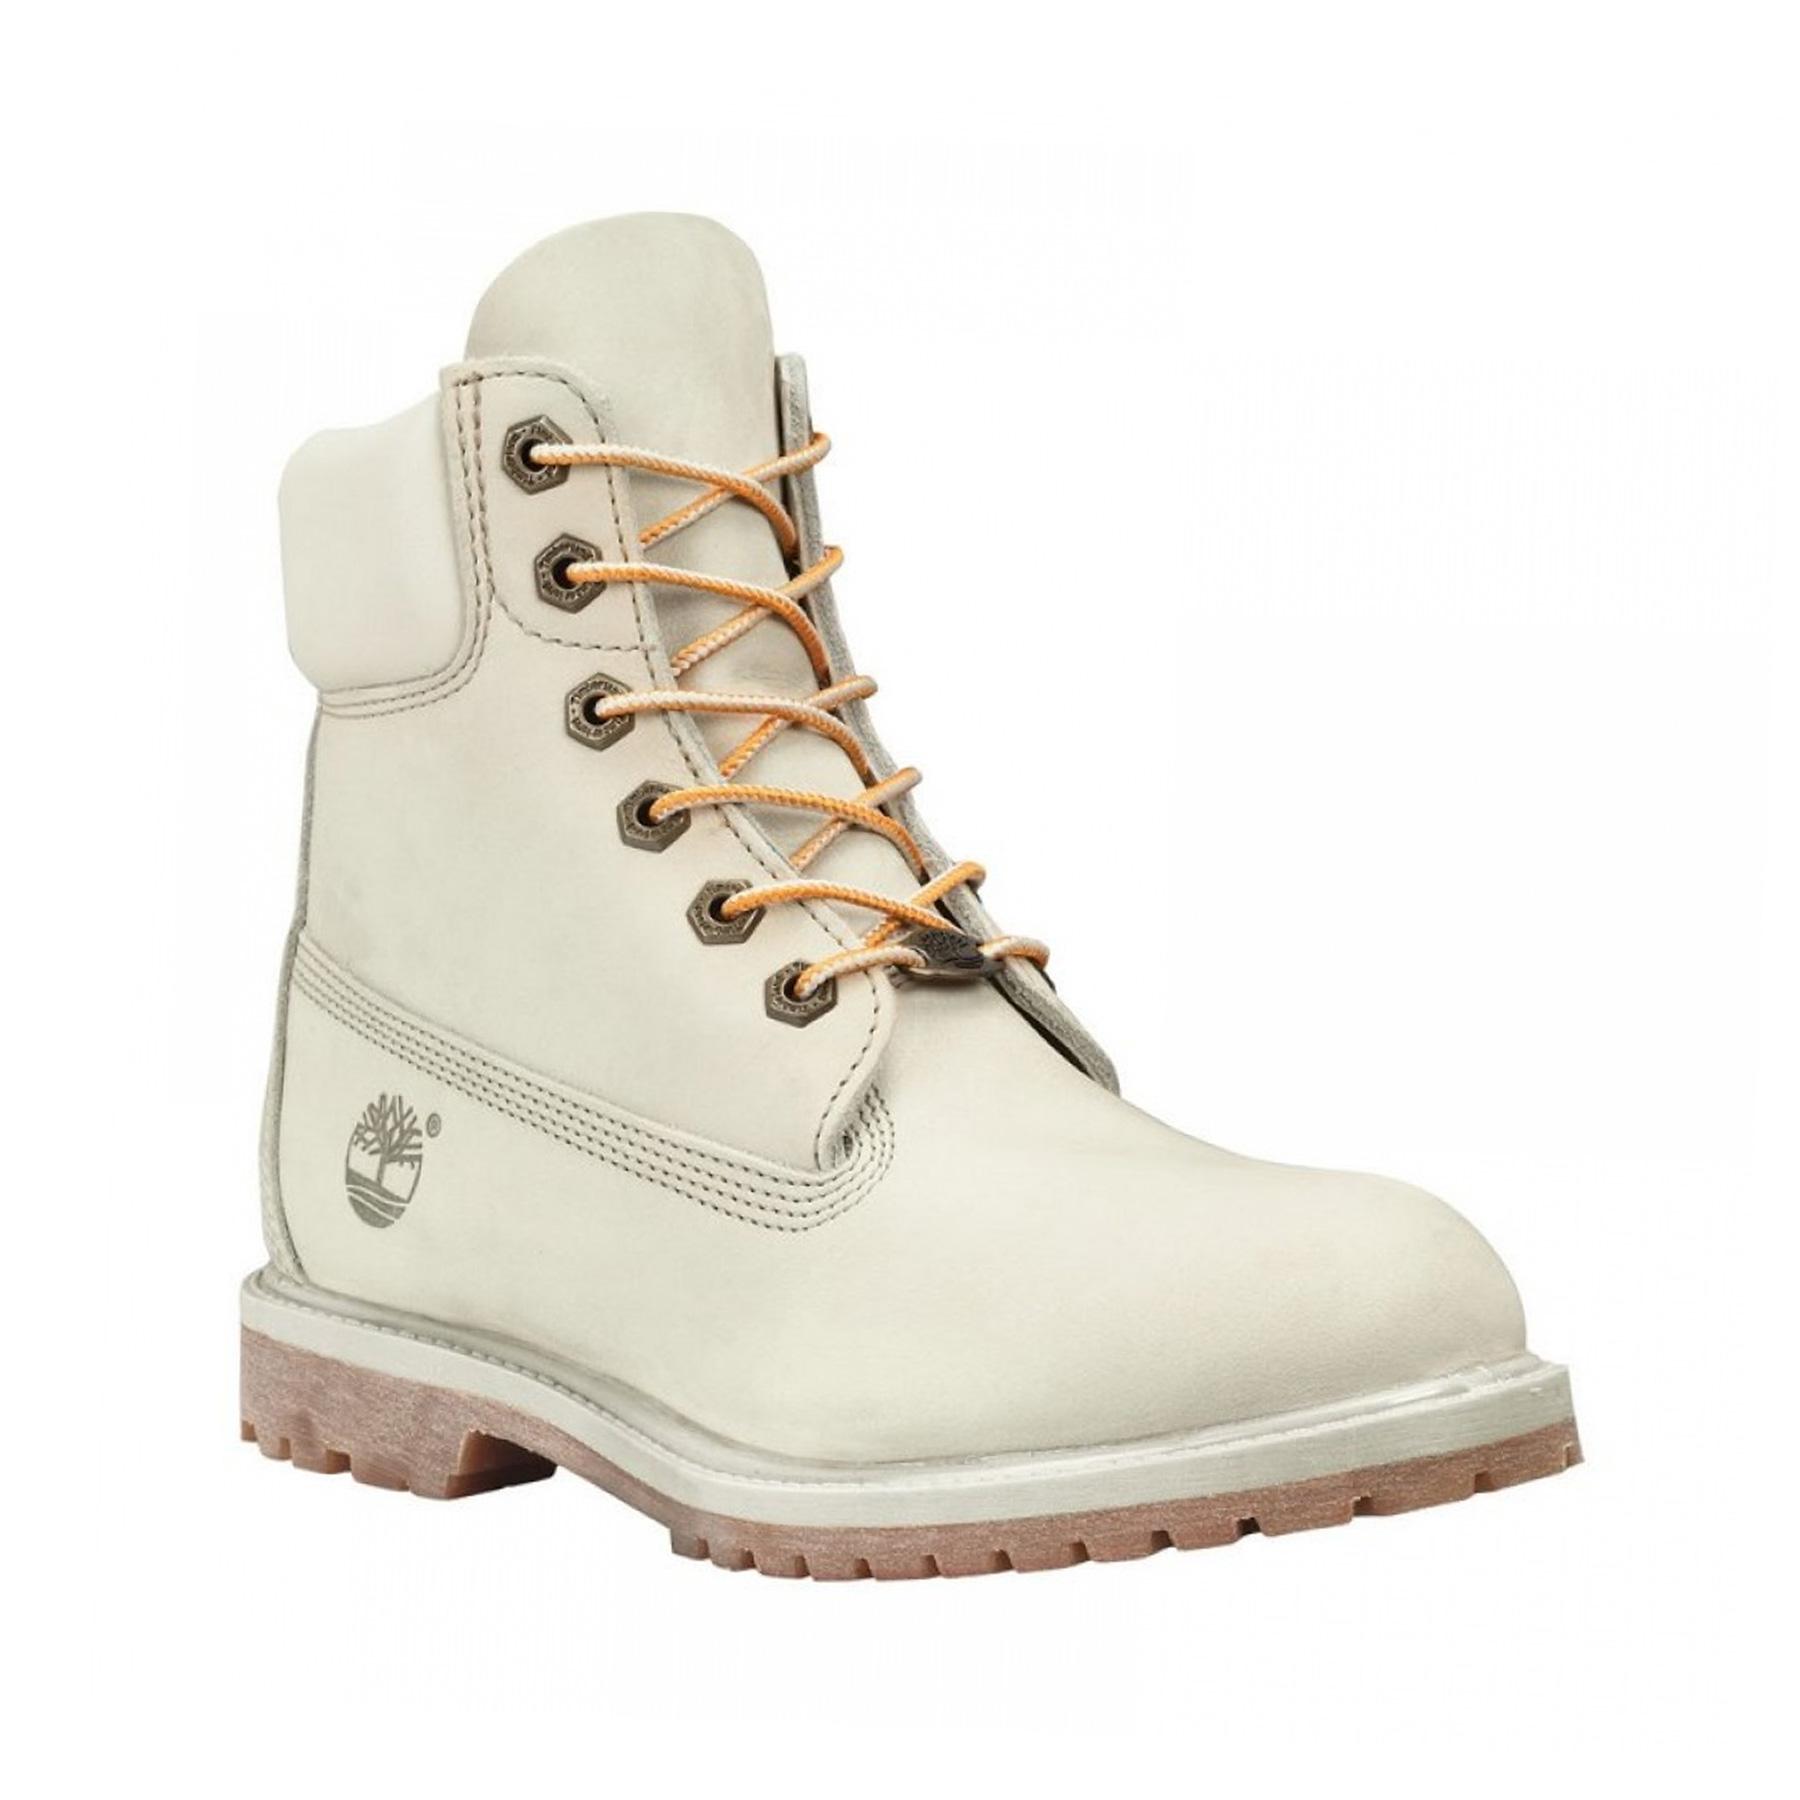 Scarpe e stivali Timberland: la nuova collezione è Maxi